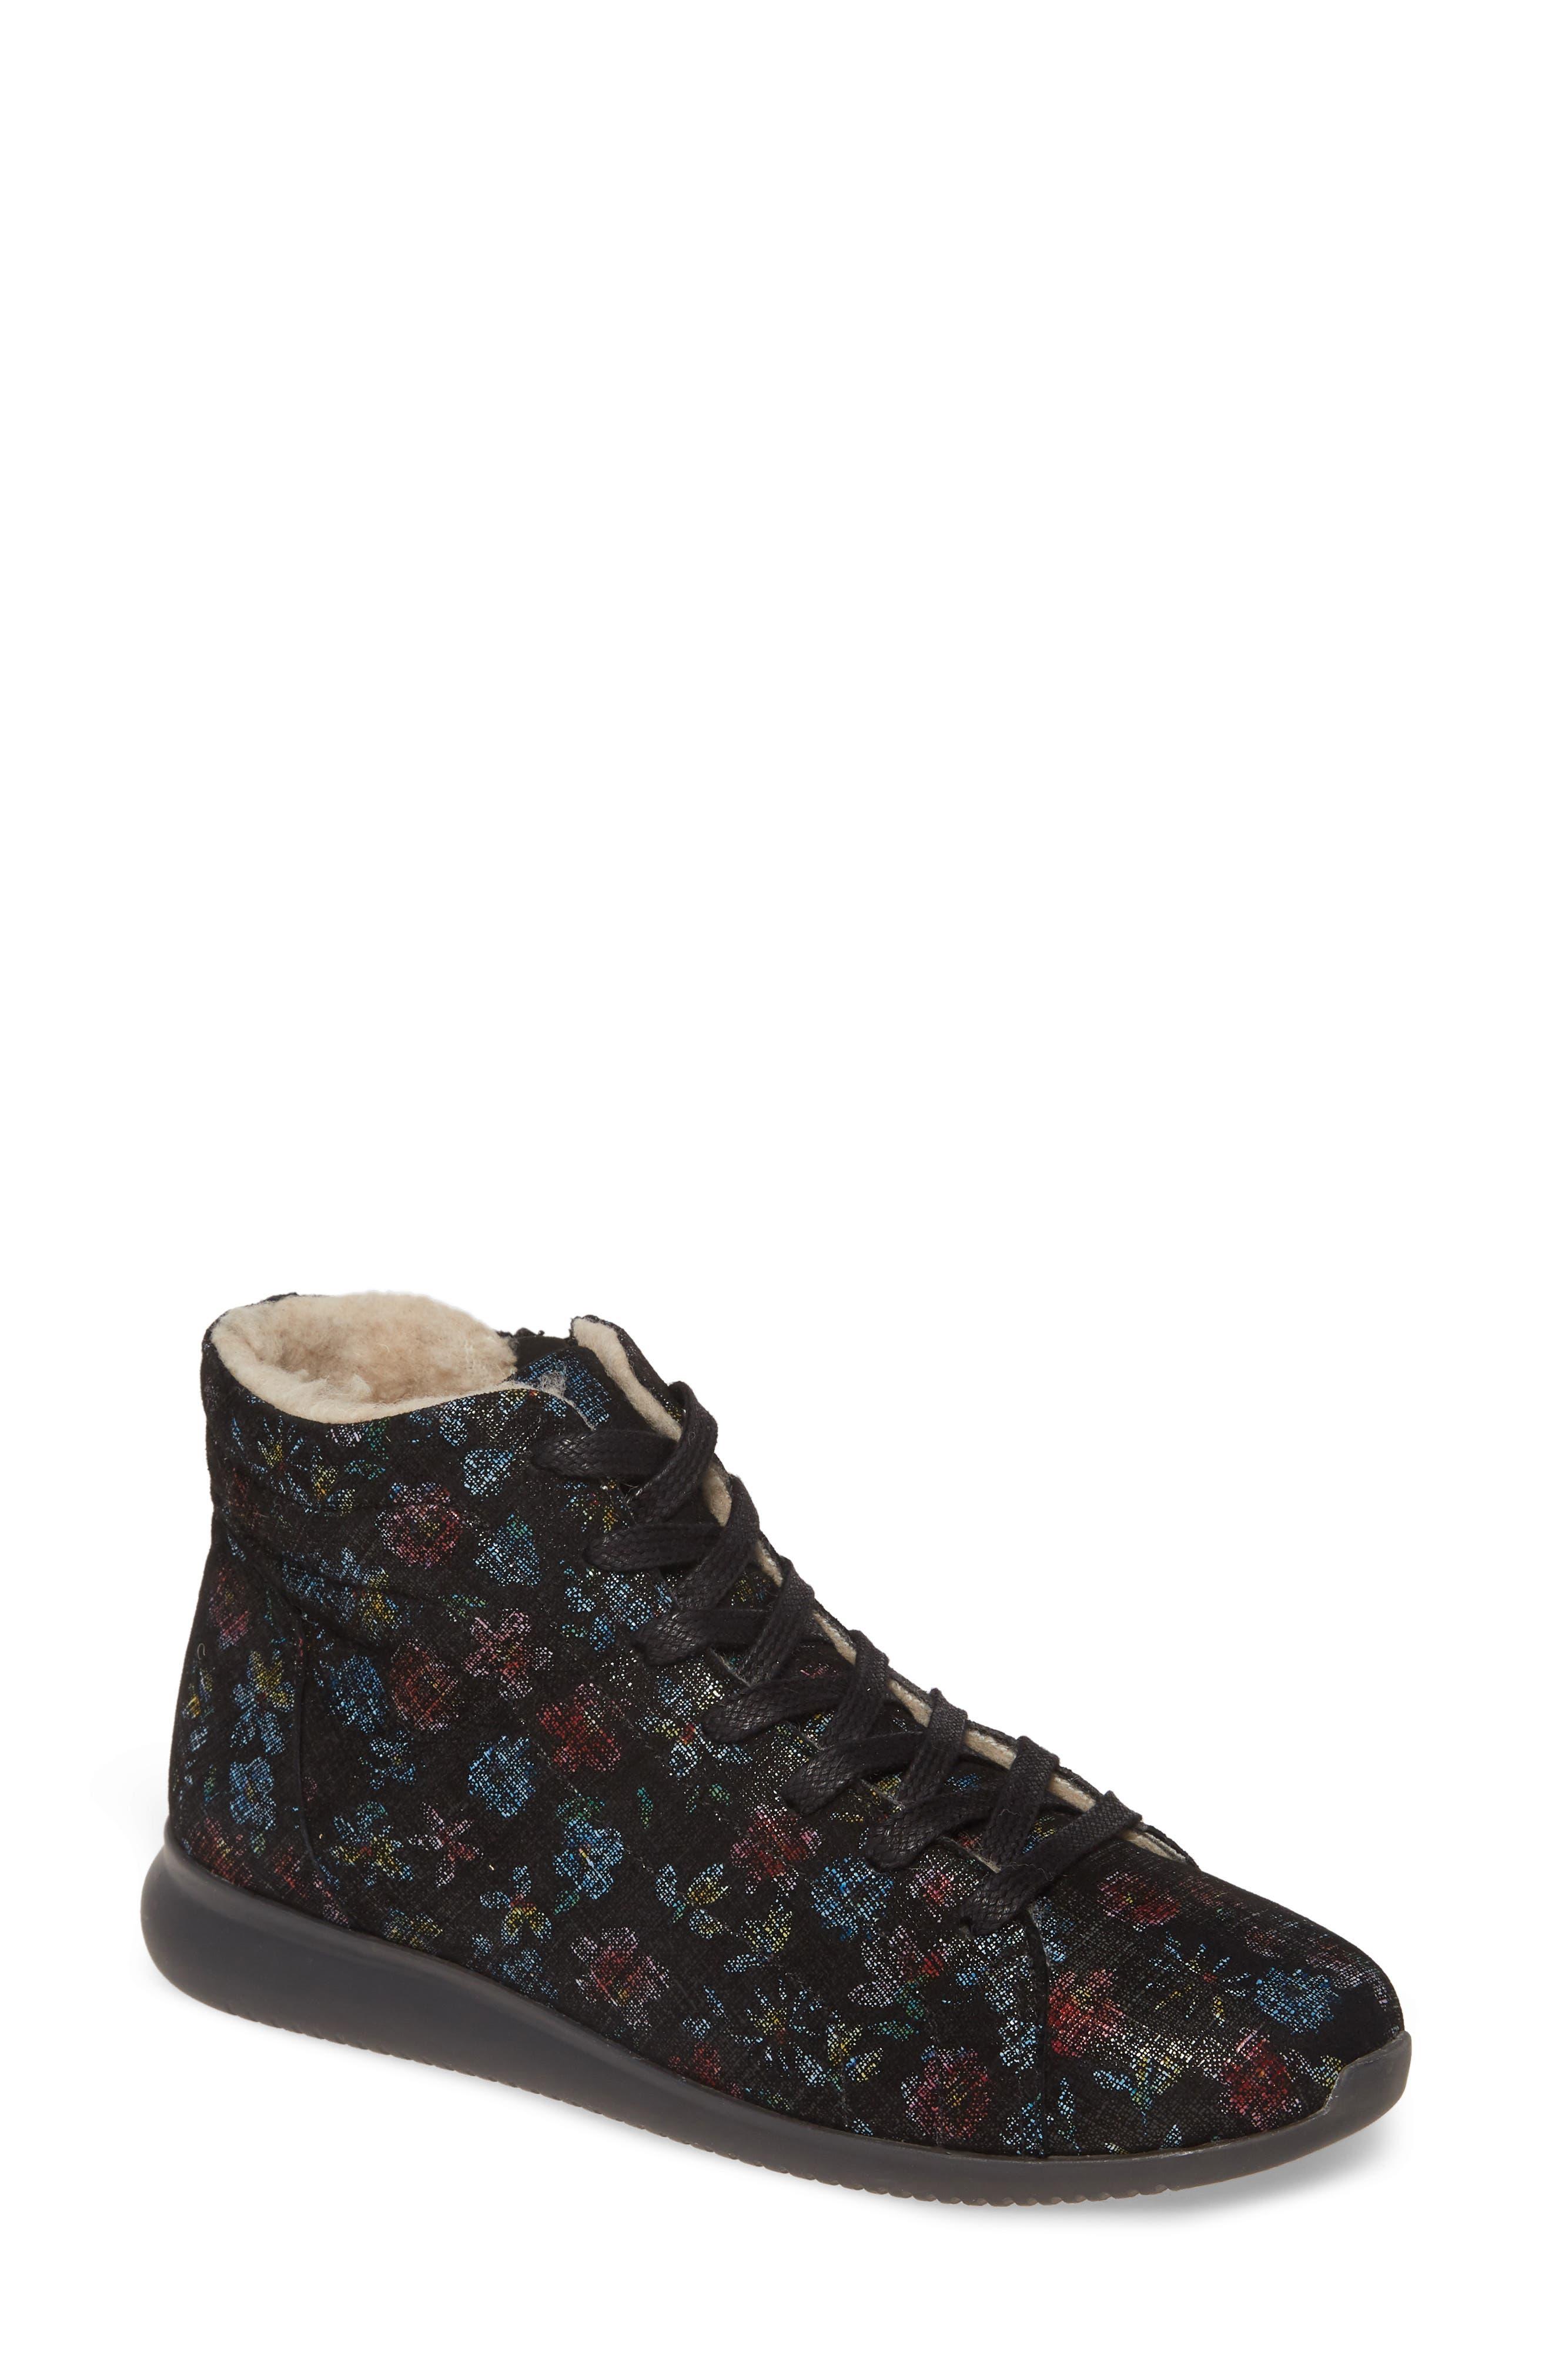 Women's CLOUD Shoes   Nordstrom